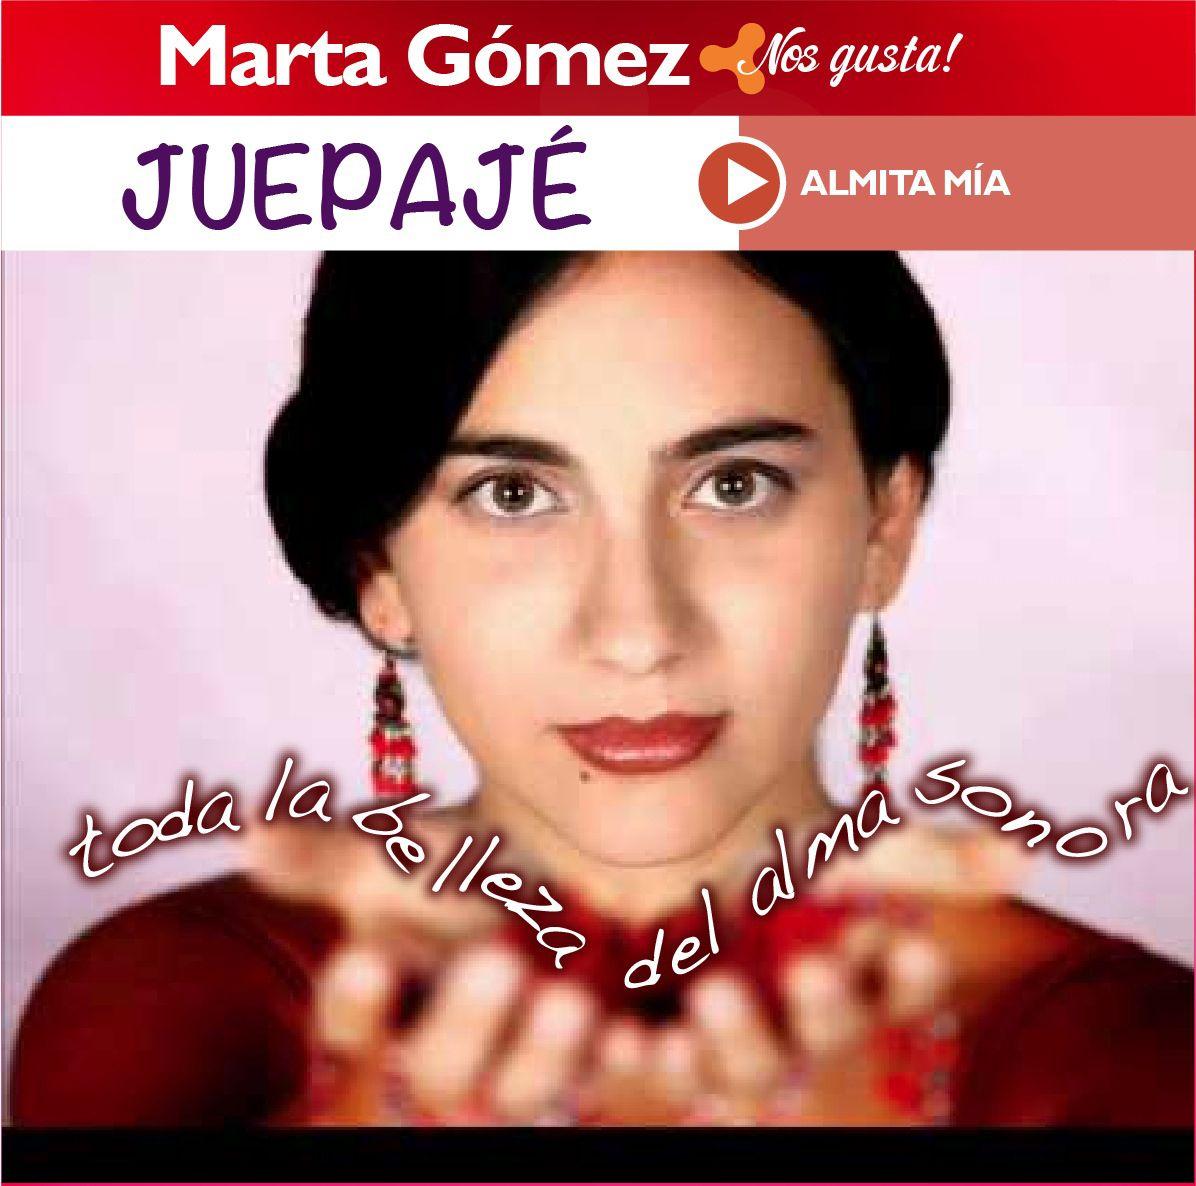 Juepajé, y pongámosle romanticismo a este día. En Casaingenia nos gusta Marta Gómez con Almita mía. Contagiate de la buena música colombiana.